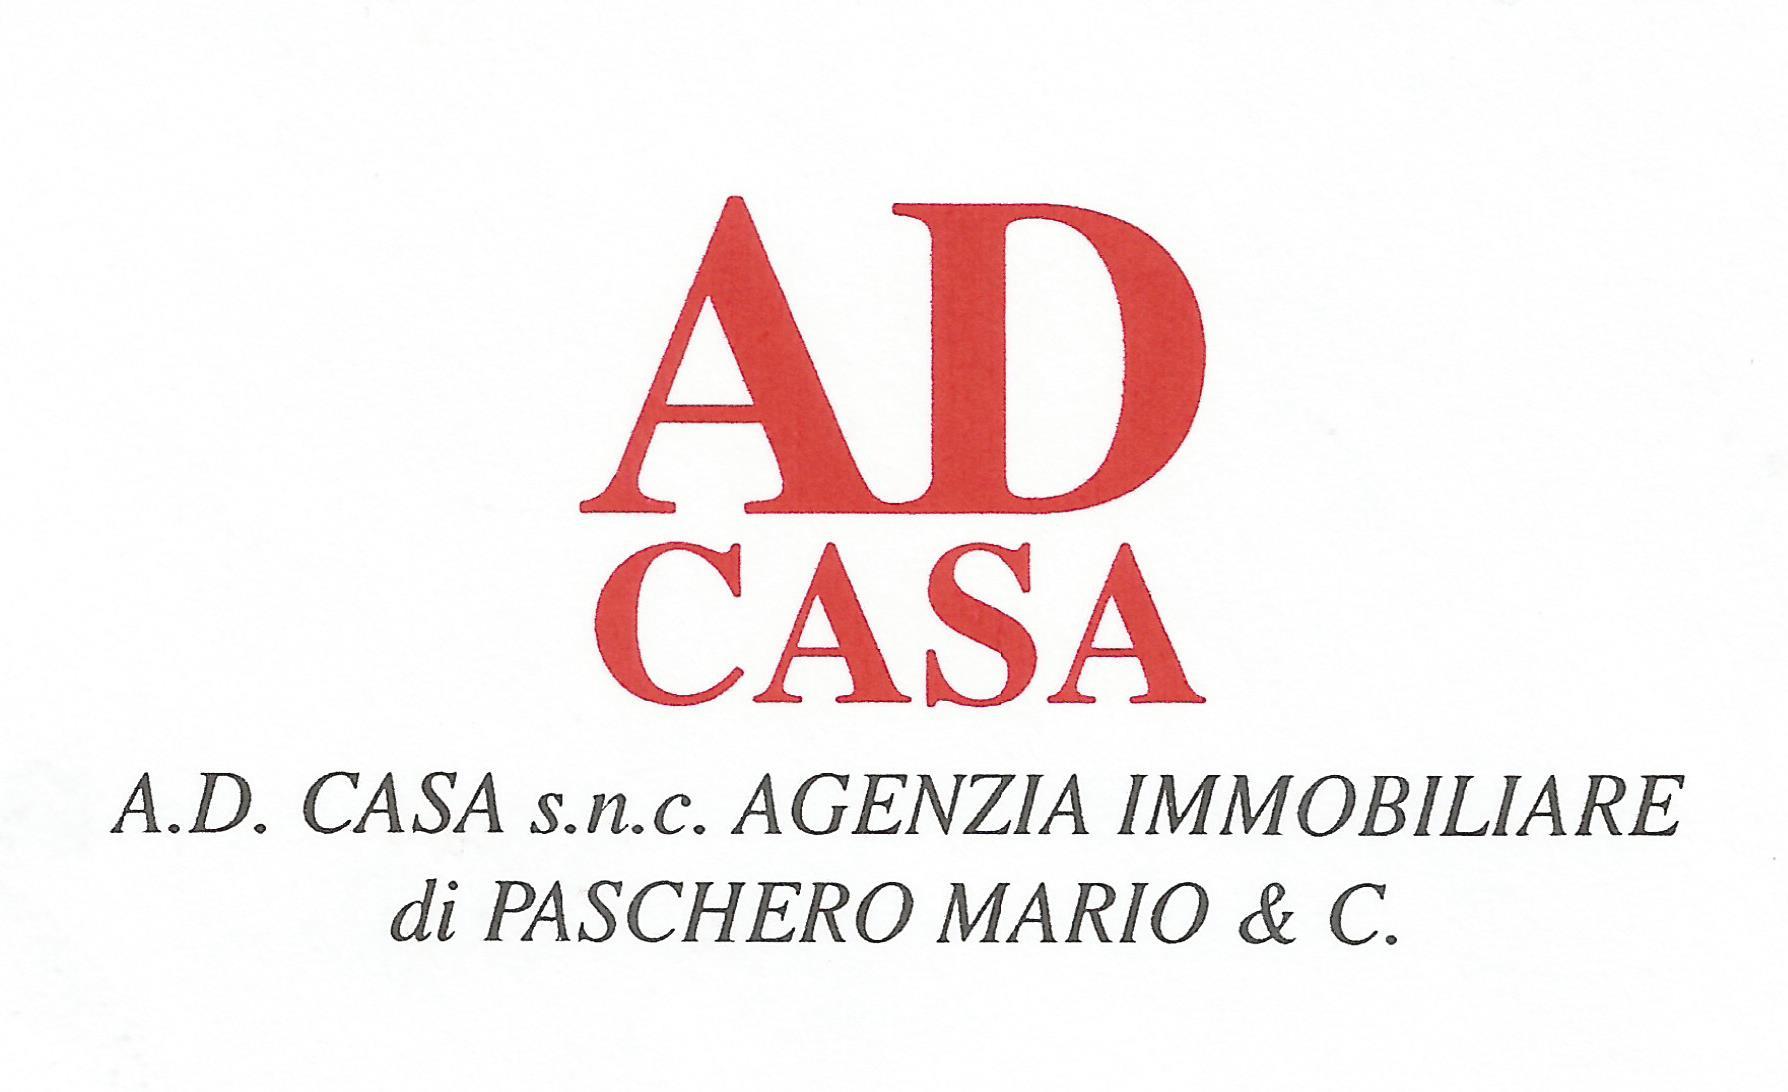 AD CASA S.N.C. AGENZIA IMMOBILIARE DI PASCHERO MARIO & C.